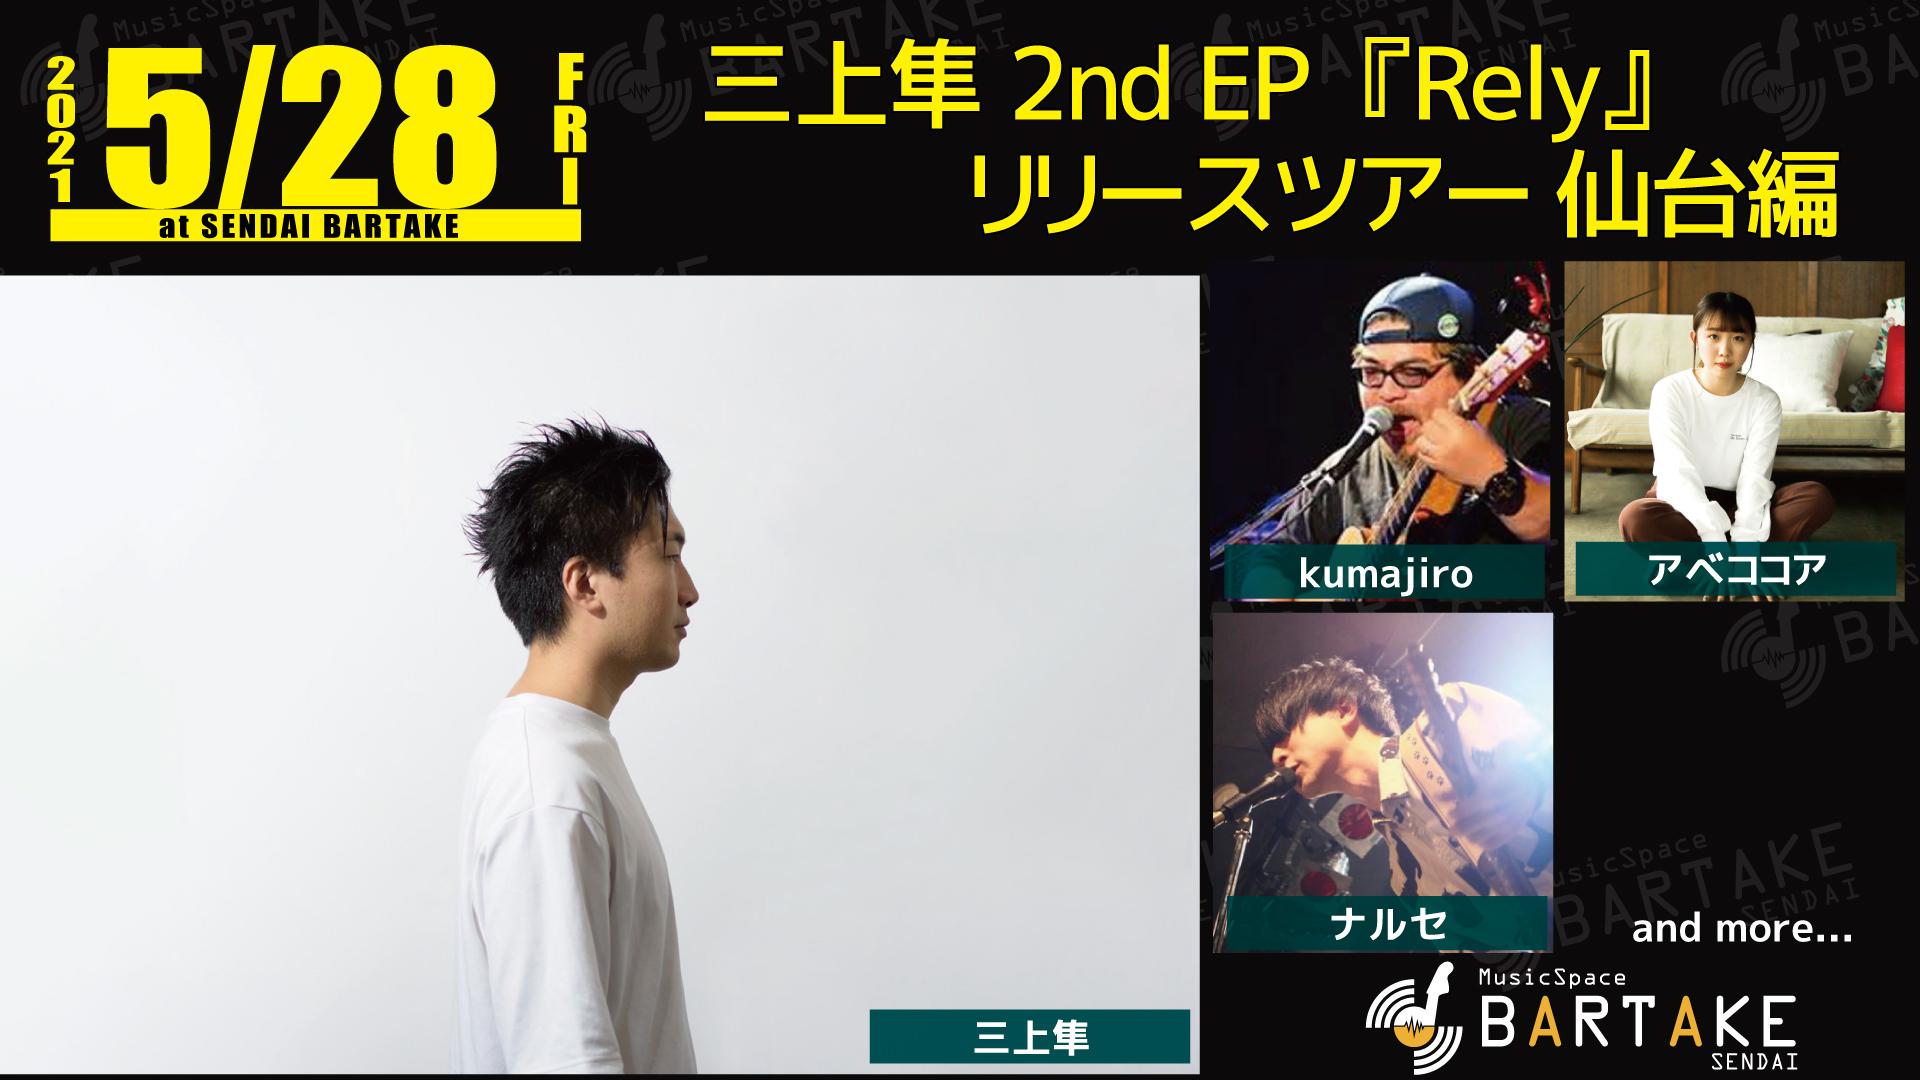 三上隼 2nd EP『Rely』リリースツアー 〜仙台編〜